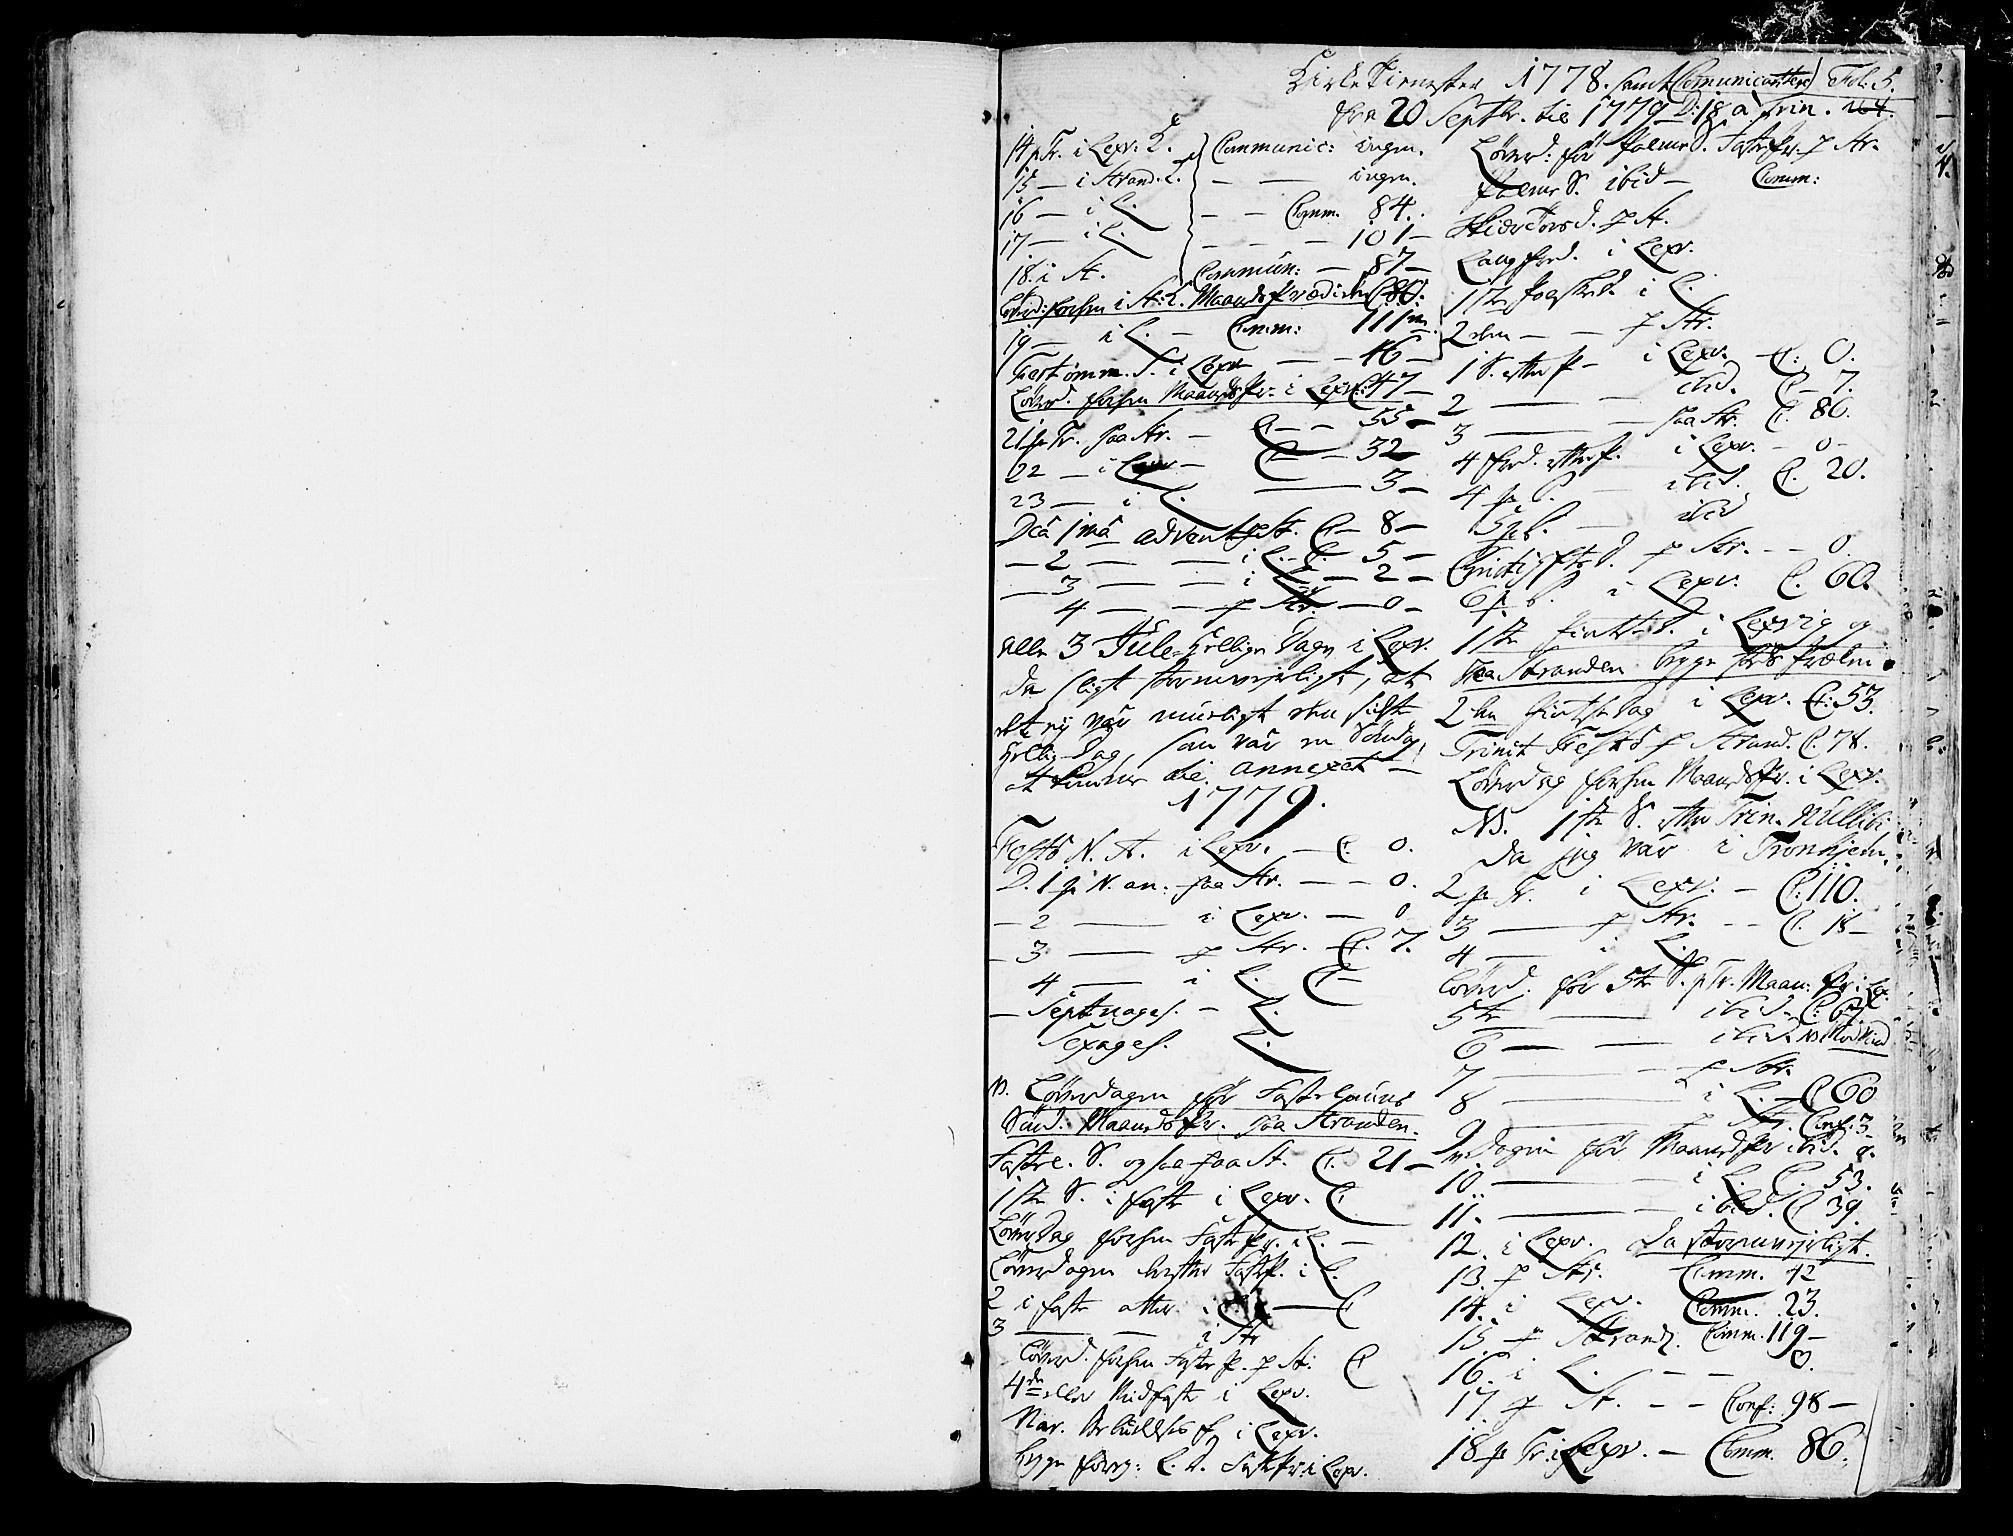 SAT, Ministerialprotokoller, klokkerbøker og fødselsregistre - Nord-Trøndelag, 701/L0003: Ministerialbok nr. 701A03, 1751-1783, s. 164